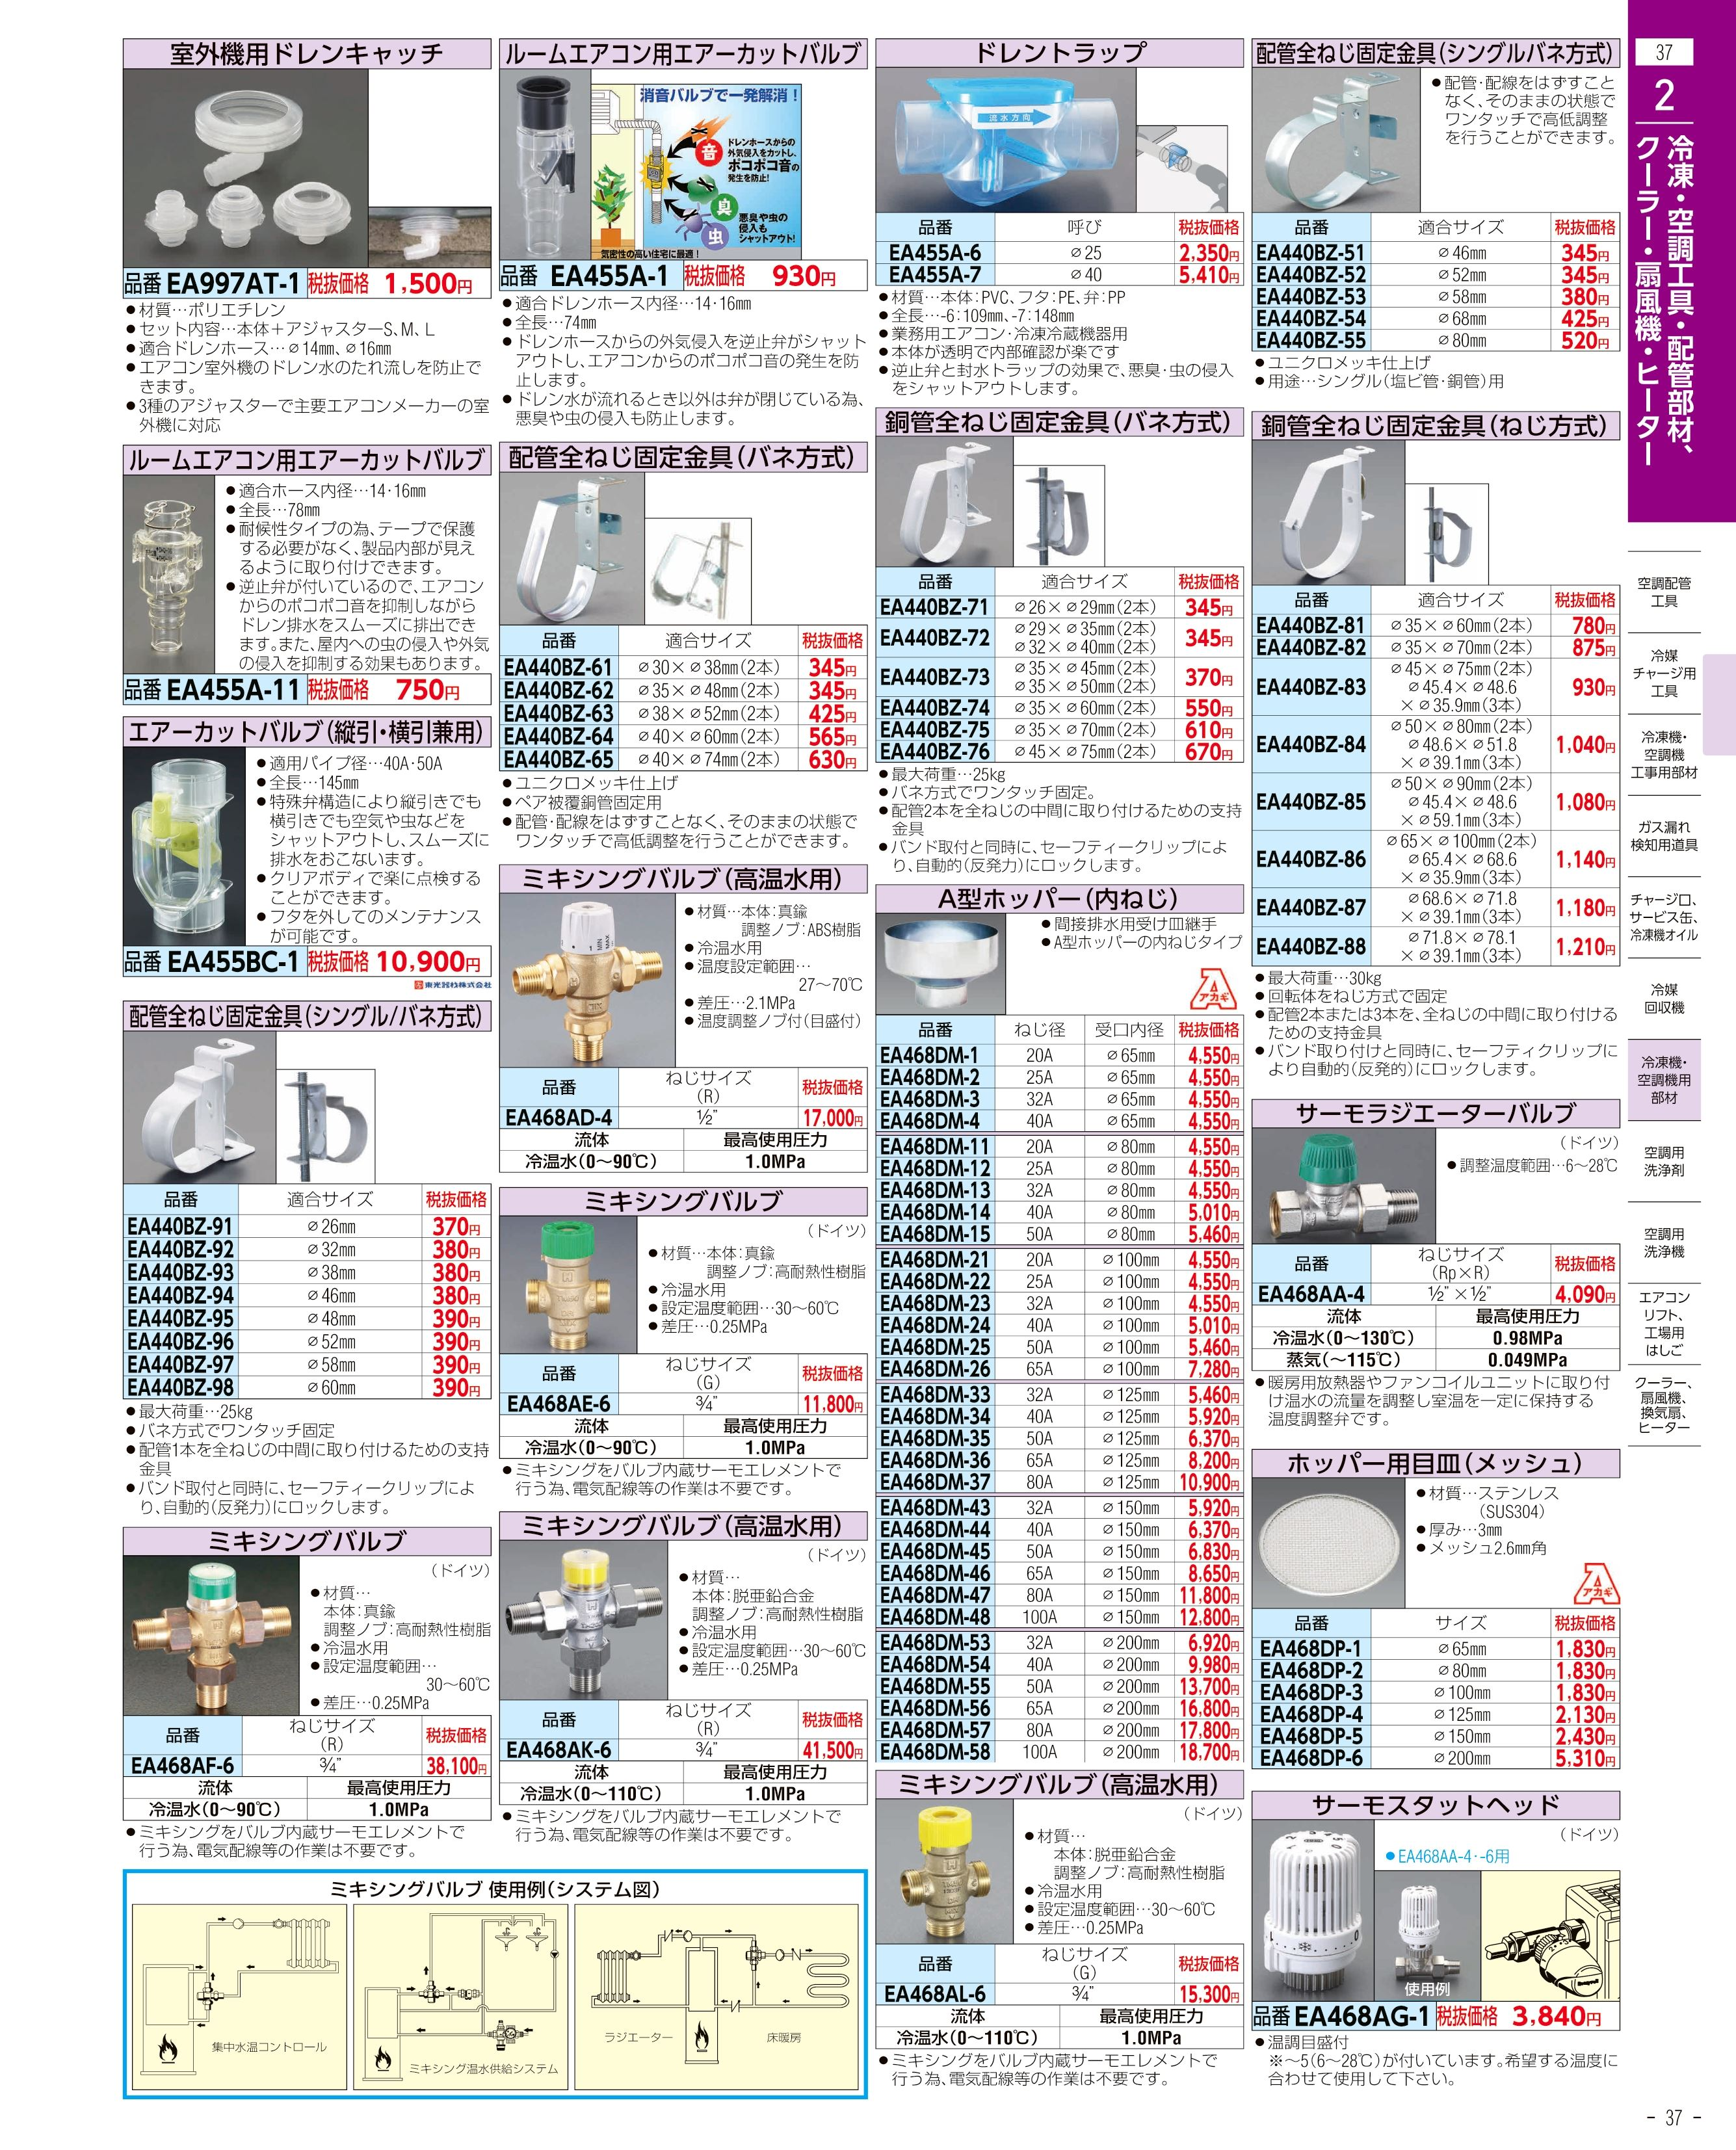 エスコ便利カタログ37ページ